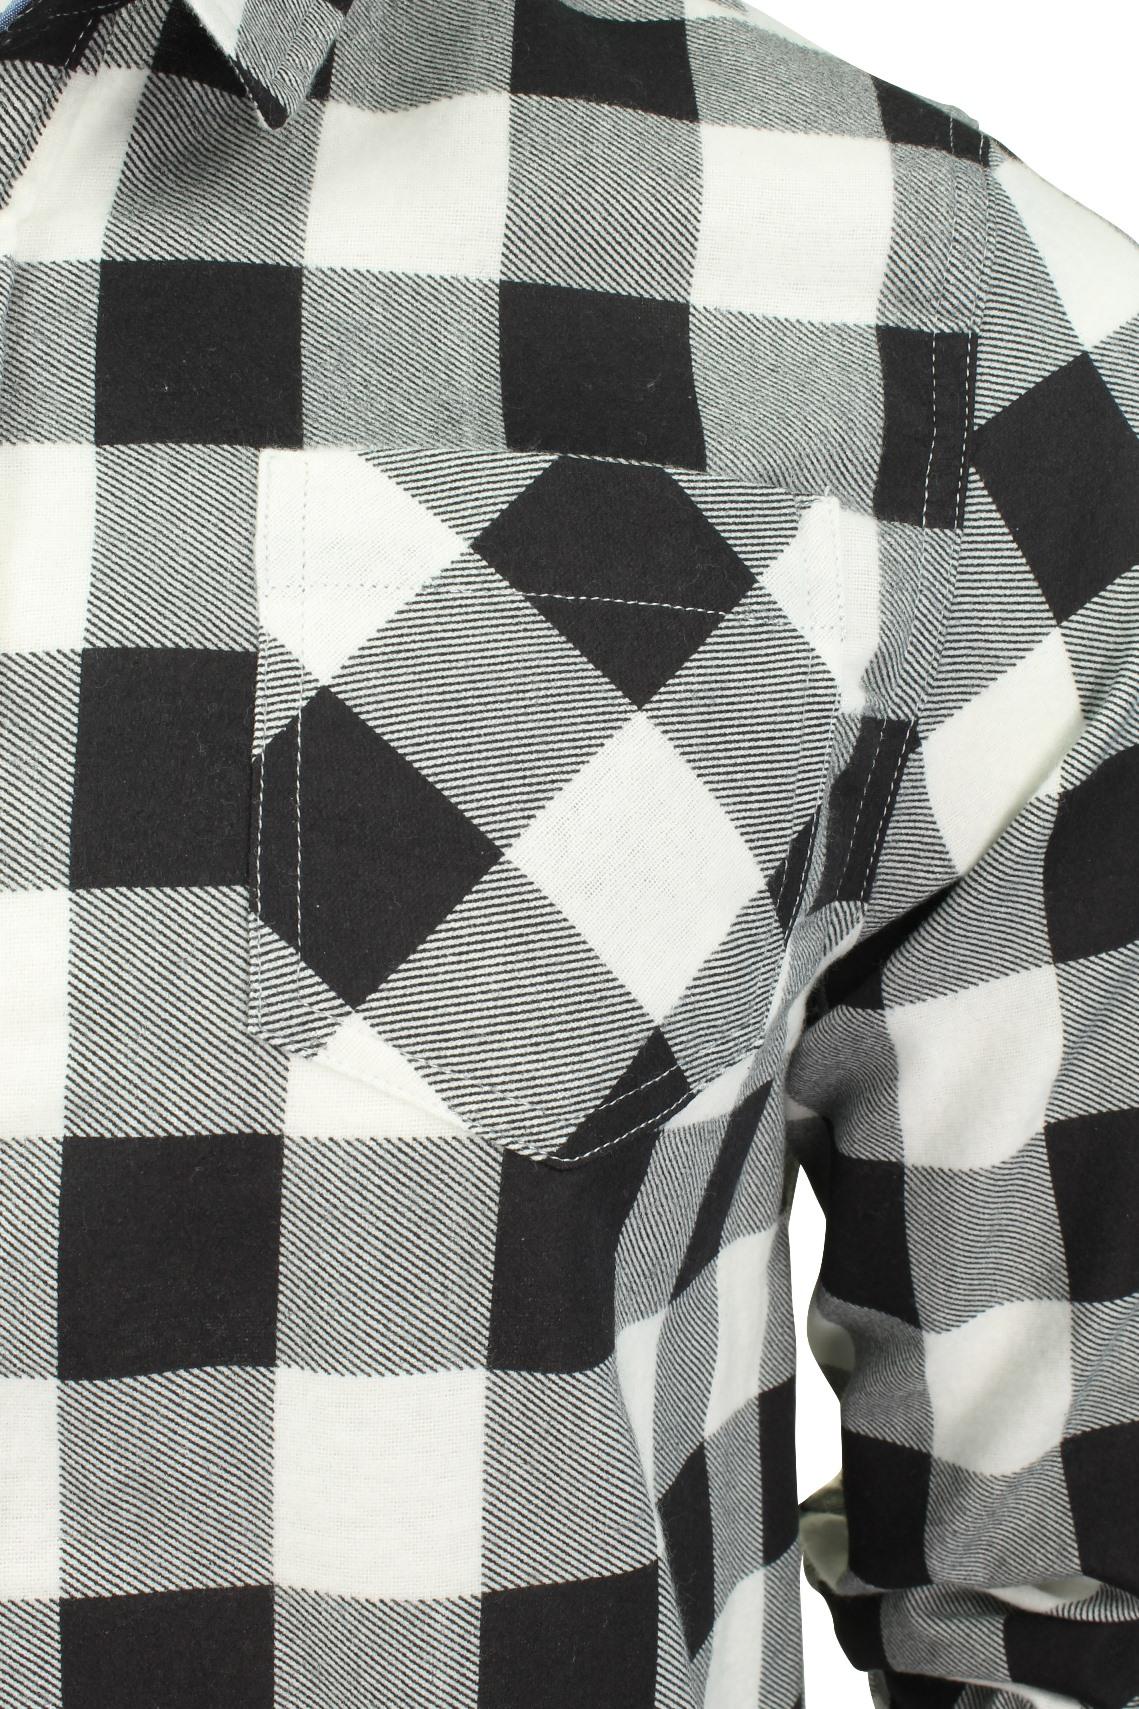 Verificacion-de-franela-de-algodon-cepillado-alma-valiente-camisa-de-mangas-largas-De-Jack miniatura 23